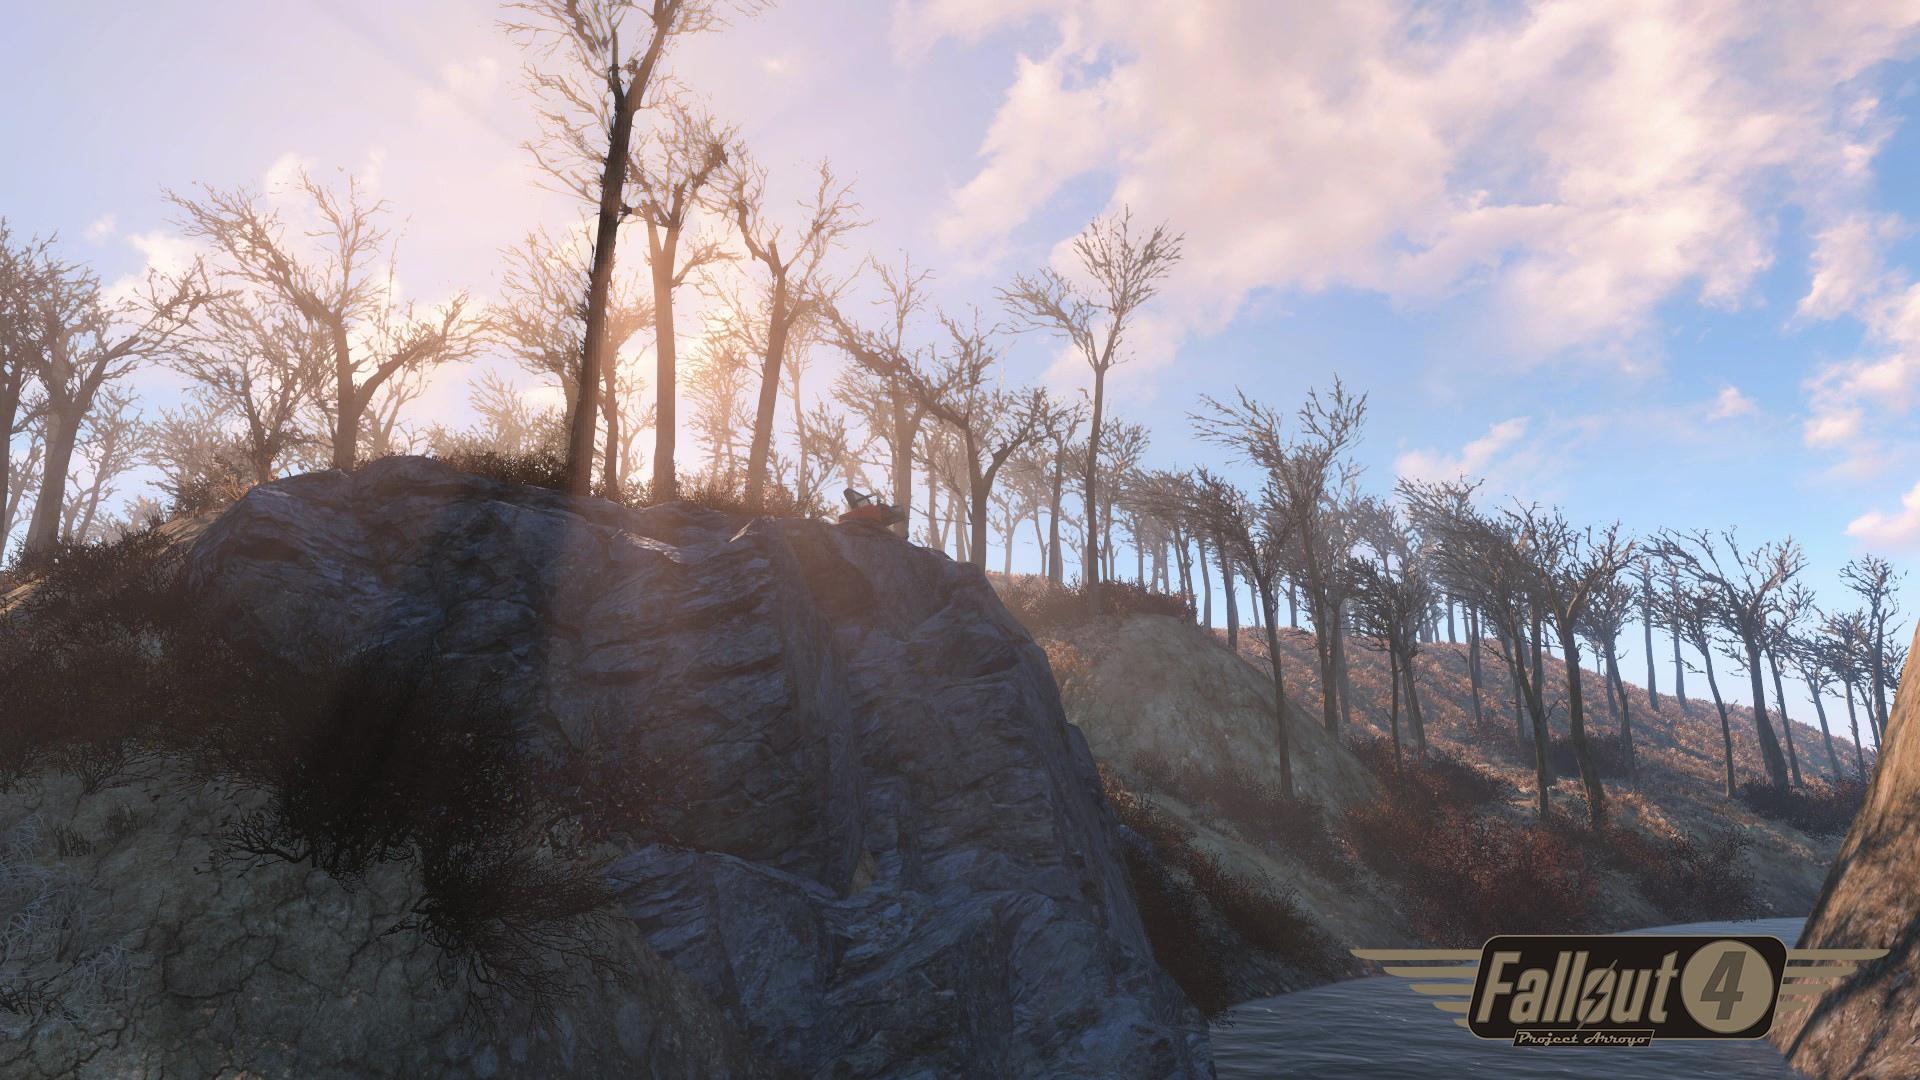 Энтузиасты решили перенести Fallout 2 в Fallout 4.